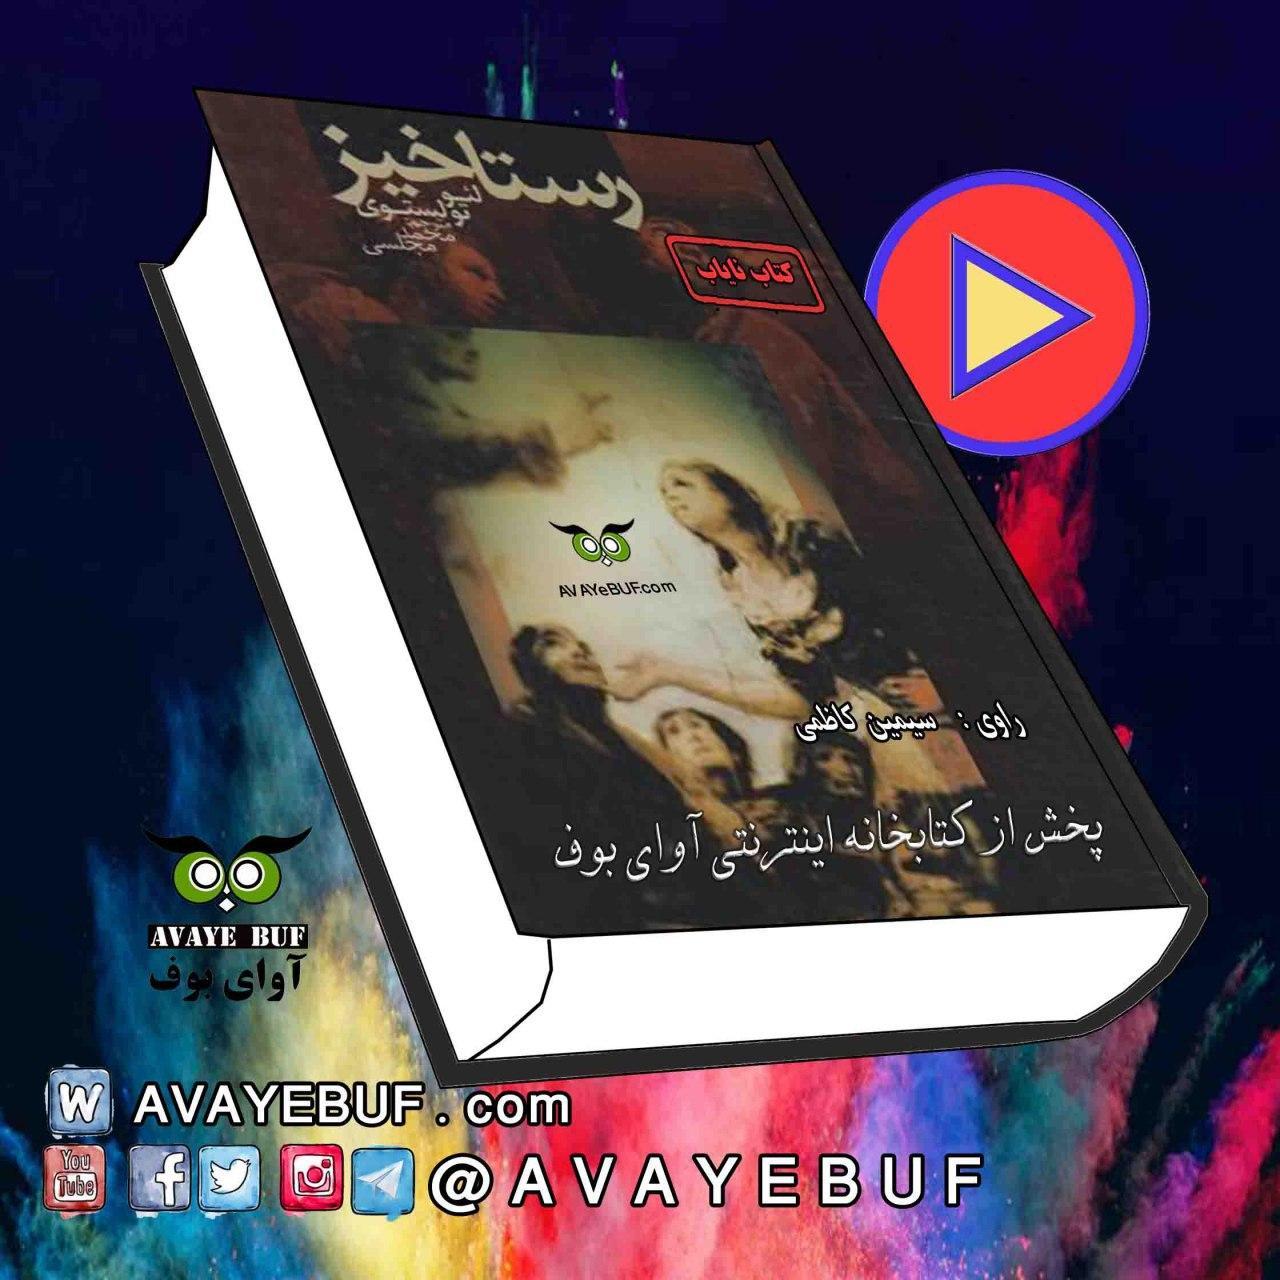 RASTAKHIZ_avayebuf.com_